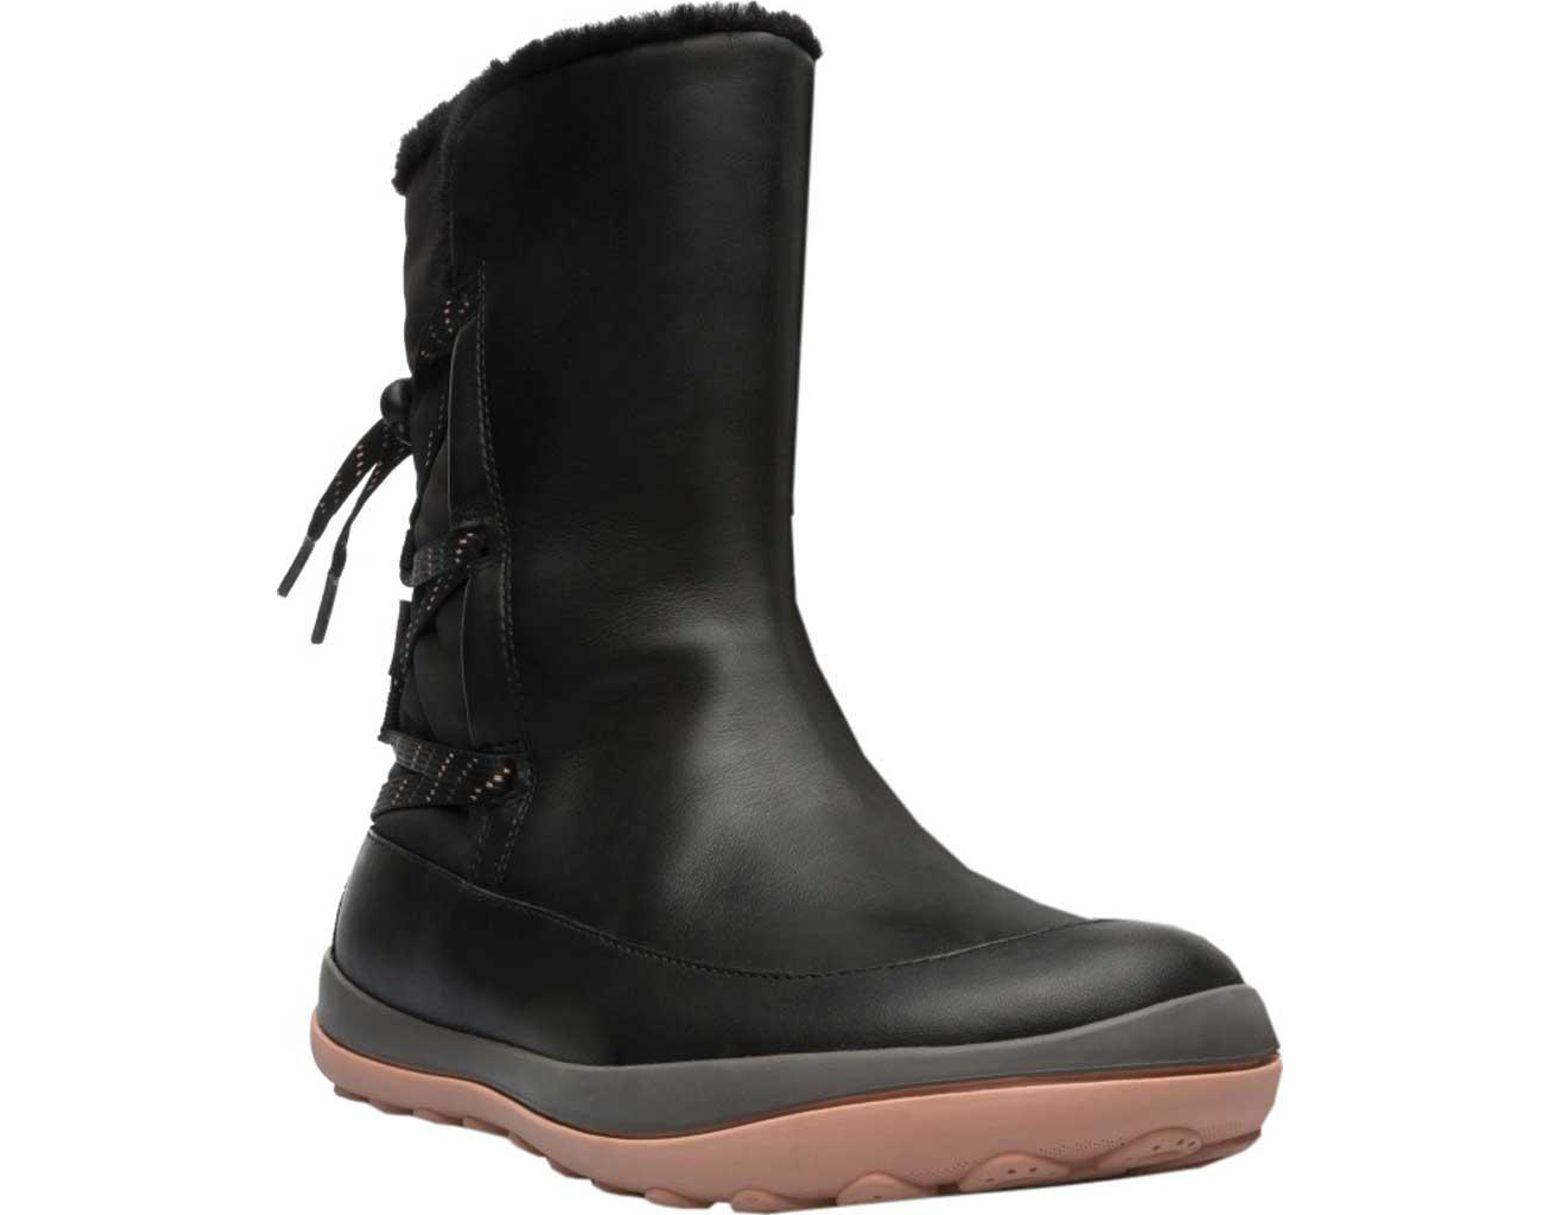 fd58dd9a616 Women's Black Peu Pista Gore-tex Boot